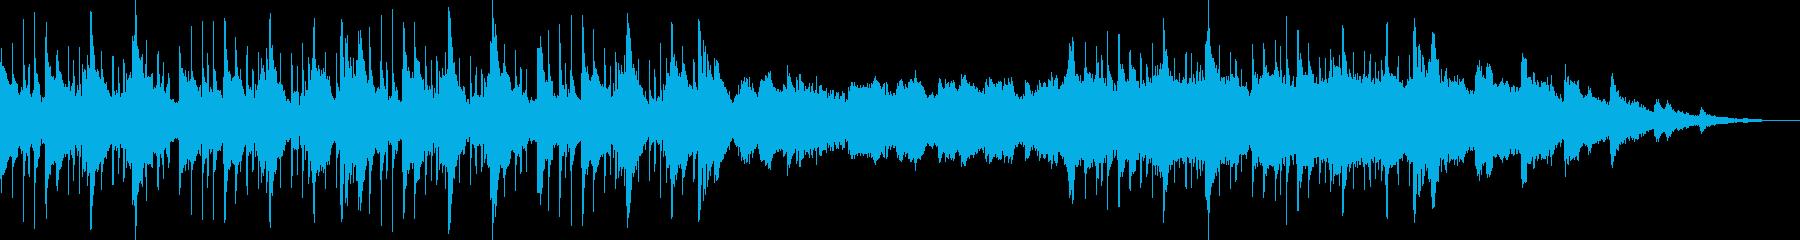 ピアノのLo-Fi Hip Hopですの再生済みの波形